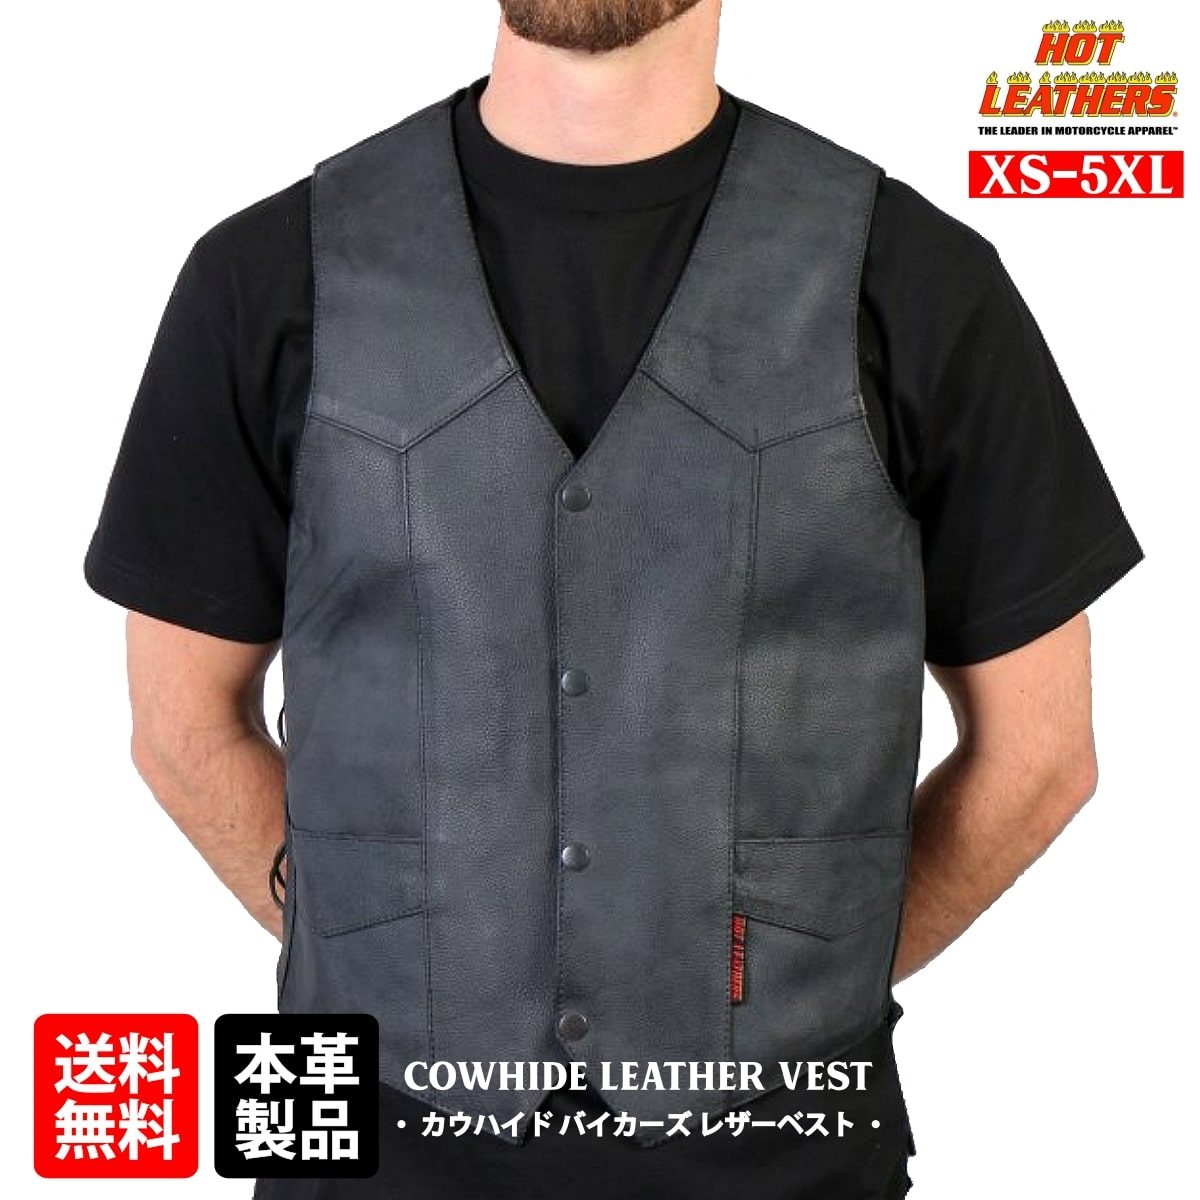 全品ポイント2倍 本国ハーレー乗り愛用の有名ブランド直輸入品 国内では未発売のレアデザインで周りと差をつけろ 送料無料 大好評です 日本未発売 米国直輸入 Hot Leathers Men's Cowhide Leather Vest w Side 大きいサイズ サイドレース メンズ 40%OFFの激安セール ベスト用アクセサリーに対応 ホットレザー 黒 バイクに カウハイドレザーベスト 両脇編み上げ Lace 本革 ウエスト調節可能 ブラックカラー